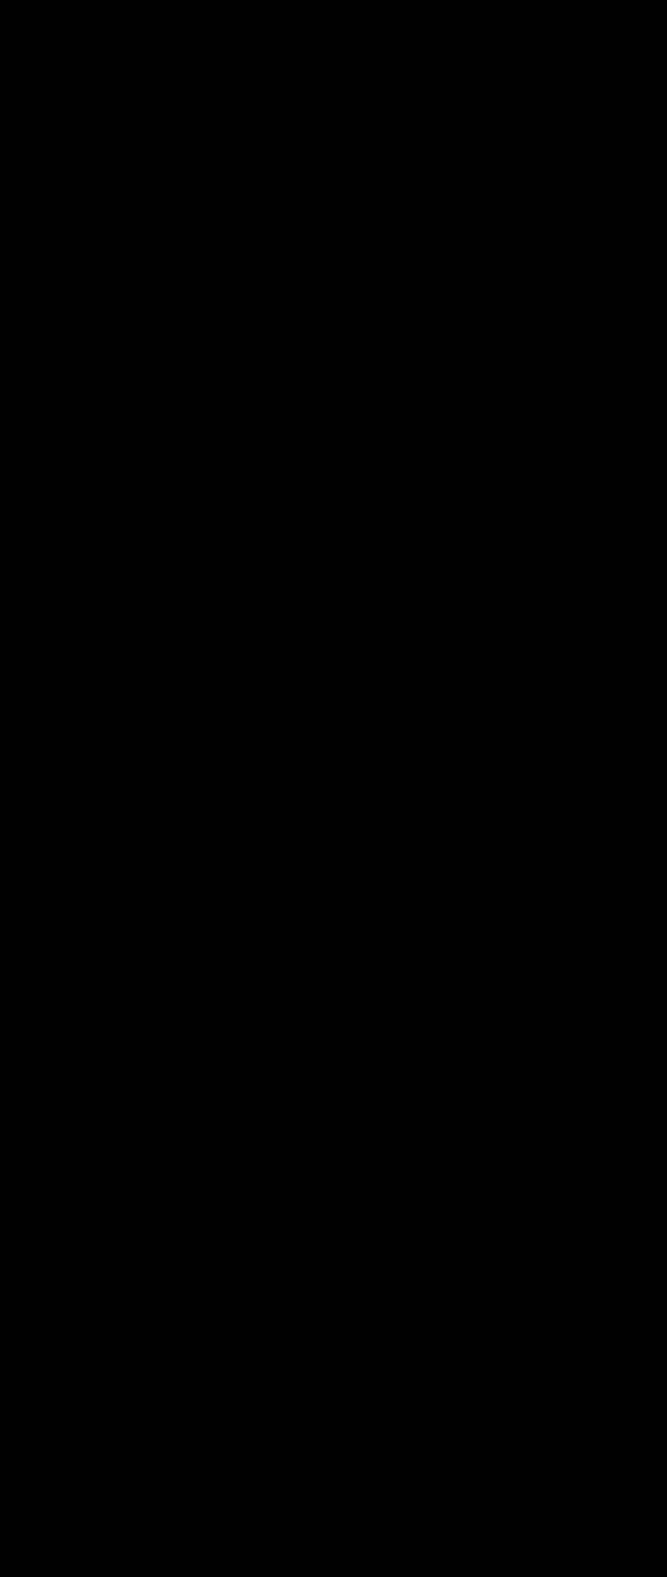 sortir,L'ILLUSTRE THÉÂTRE,spectacle vivant,En ce moment,théâtre,Pézenas,soirées,soirée,spectacle,événements,le misanthrope pièce de théâtre résumé,le malade imaginaire pièce de théâtre résumé,les précieuses ridicules pièce de théâtre résumé,le bourgeois,gentilhomme pièce de théâtre résumé,les fourberies de scapin pièce de théâtre résumé,molière illustre théâtre histoire,Edmond Rostand Cyrano de Bergerac,Edmond Rostand histoire,Edmond Rostand œuvre,Edmond Rostand pièces de théâtre,Edmond Rostand œuvres,Edmond Rostand biographie,Edmond Rostand bibliographie,Edmond Rostand Cyrano de Bergerac pièce,Edmond Rostand Cyrano de Bergerac pièce de théâtre,Cyrano de Bergerac Edmond Rostand,Cyrano de Bergerac pièce,Cyrano de Bergerac pièce de théâtre,Cyrano de Bergerac histoire,Cyrano de Bergerac résumé pièce,Cyrano de Bergerac résumé pièce de théâtre,Cyrano de Bergerac résumé histoire,Cyrano de Bergerac résumé,spectacle Molière,spectacle le bourgeois gentilhomme,spectacle les précieuses ridicules,spectacle le malade imaginaire,spectacle le misanthrope,spectacle les fourberies de scapin,le bourgeois gentilhomme spectacle,les précieuses ridicules spectacle,le malade imaginaire spectacle,le misanthrope spectacle,les fourberies de scapin spectacle,pièce de théâtre Molière,pièce de théâtre le bourgeois gentilhomme,pièce de théâtre les précieuses ridicules,pièce de théâtre le malade imaginaire,pièce de théâtre le misanthrope,pièce de théâtre les fourberies de scapin,Molière pièce de théâtre,le bourgeois gentilhomme pièce de théâtre,les précieuses ridicules pièce de théâtre,le malade imaginaire pièce de théâtre,le misanthrope pièce de théâtre,les fourberies de scapin pièce de théâtre,spectacle Edmond Rostand,spectacle Cyrano,spectacle Cyrano de Bergerac,pièce Cyrano de Bergerac,pièce de théâtre Cyrano de Bergerac,Edmond Rostand spectacle,Cyrano spectacle,Cyrano de Bergerac spectacle